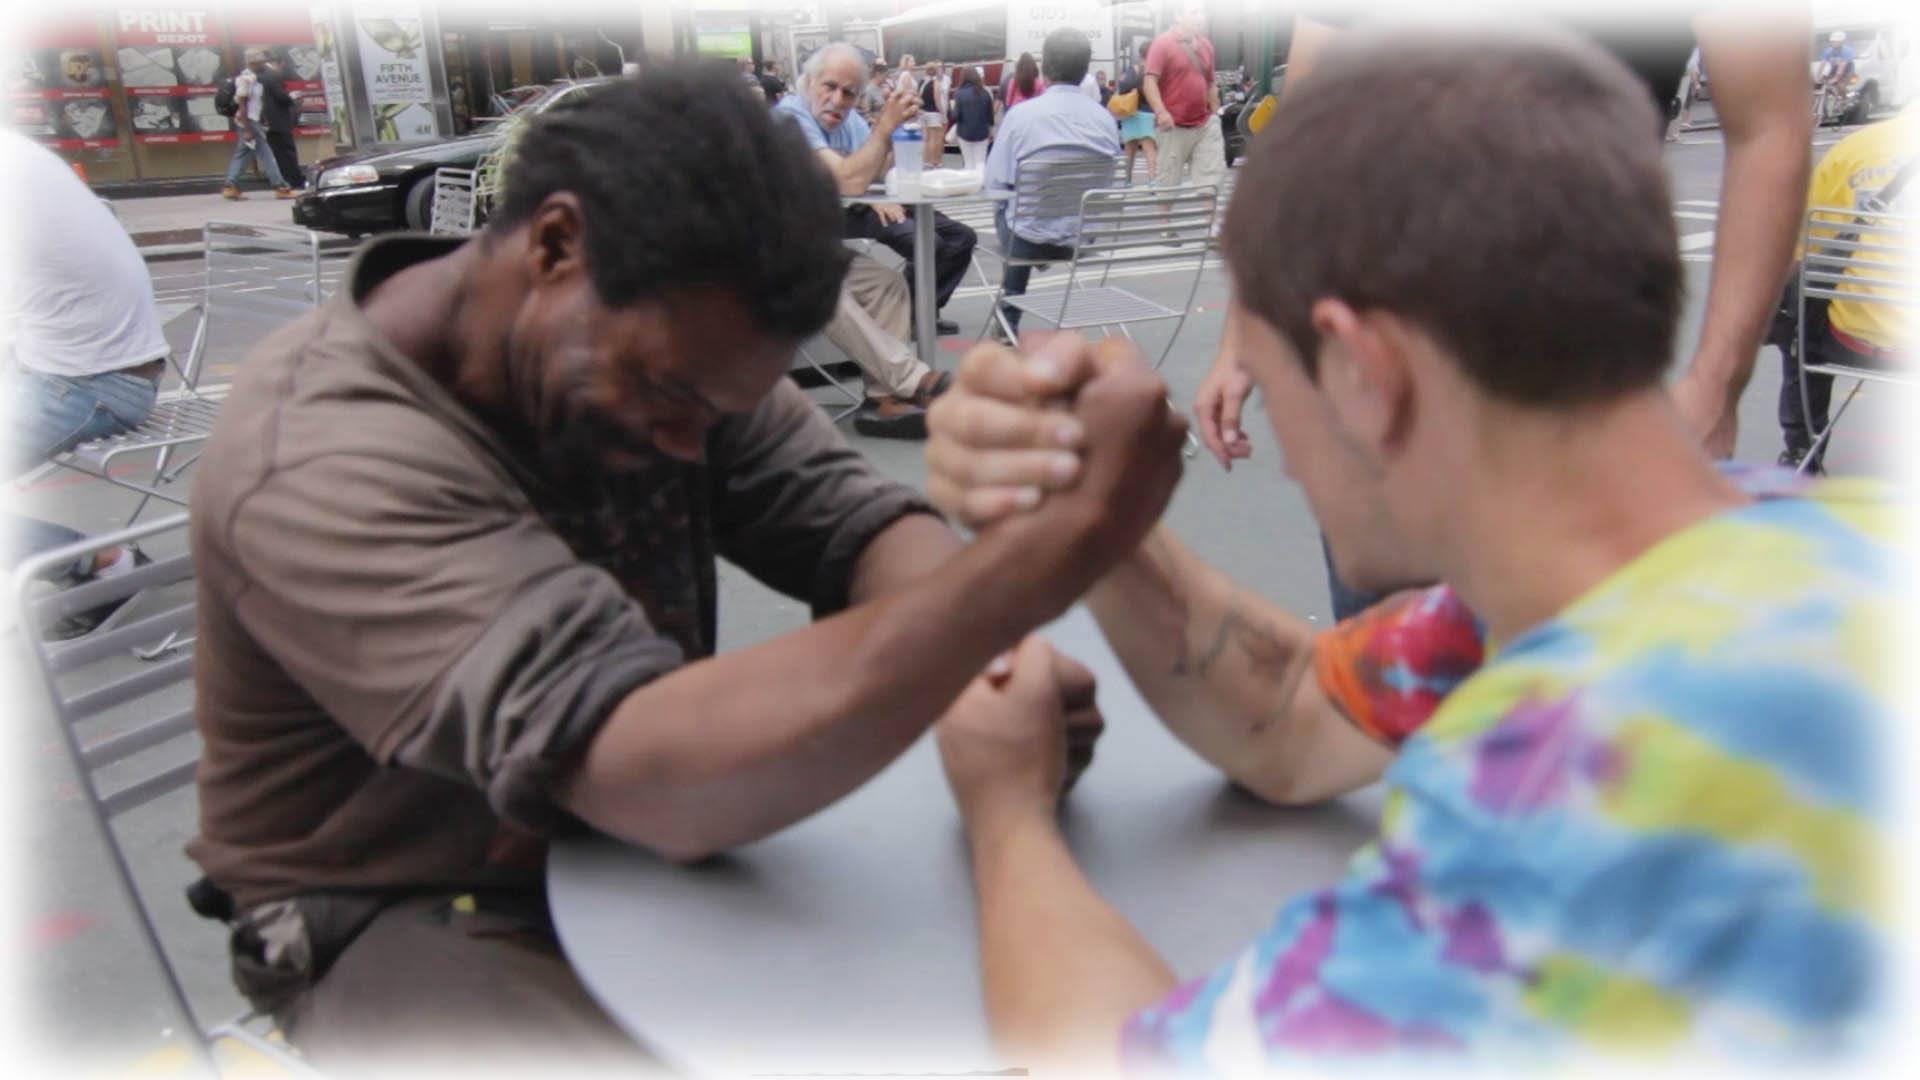 VIDEO: Kaks kodutut suruvad kätt - juhtub asi, mida on raske uskuda